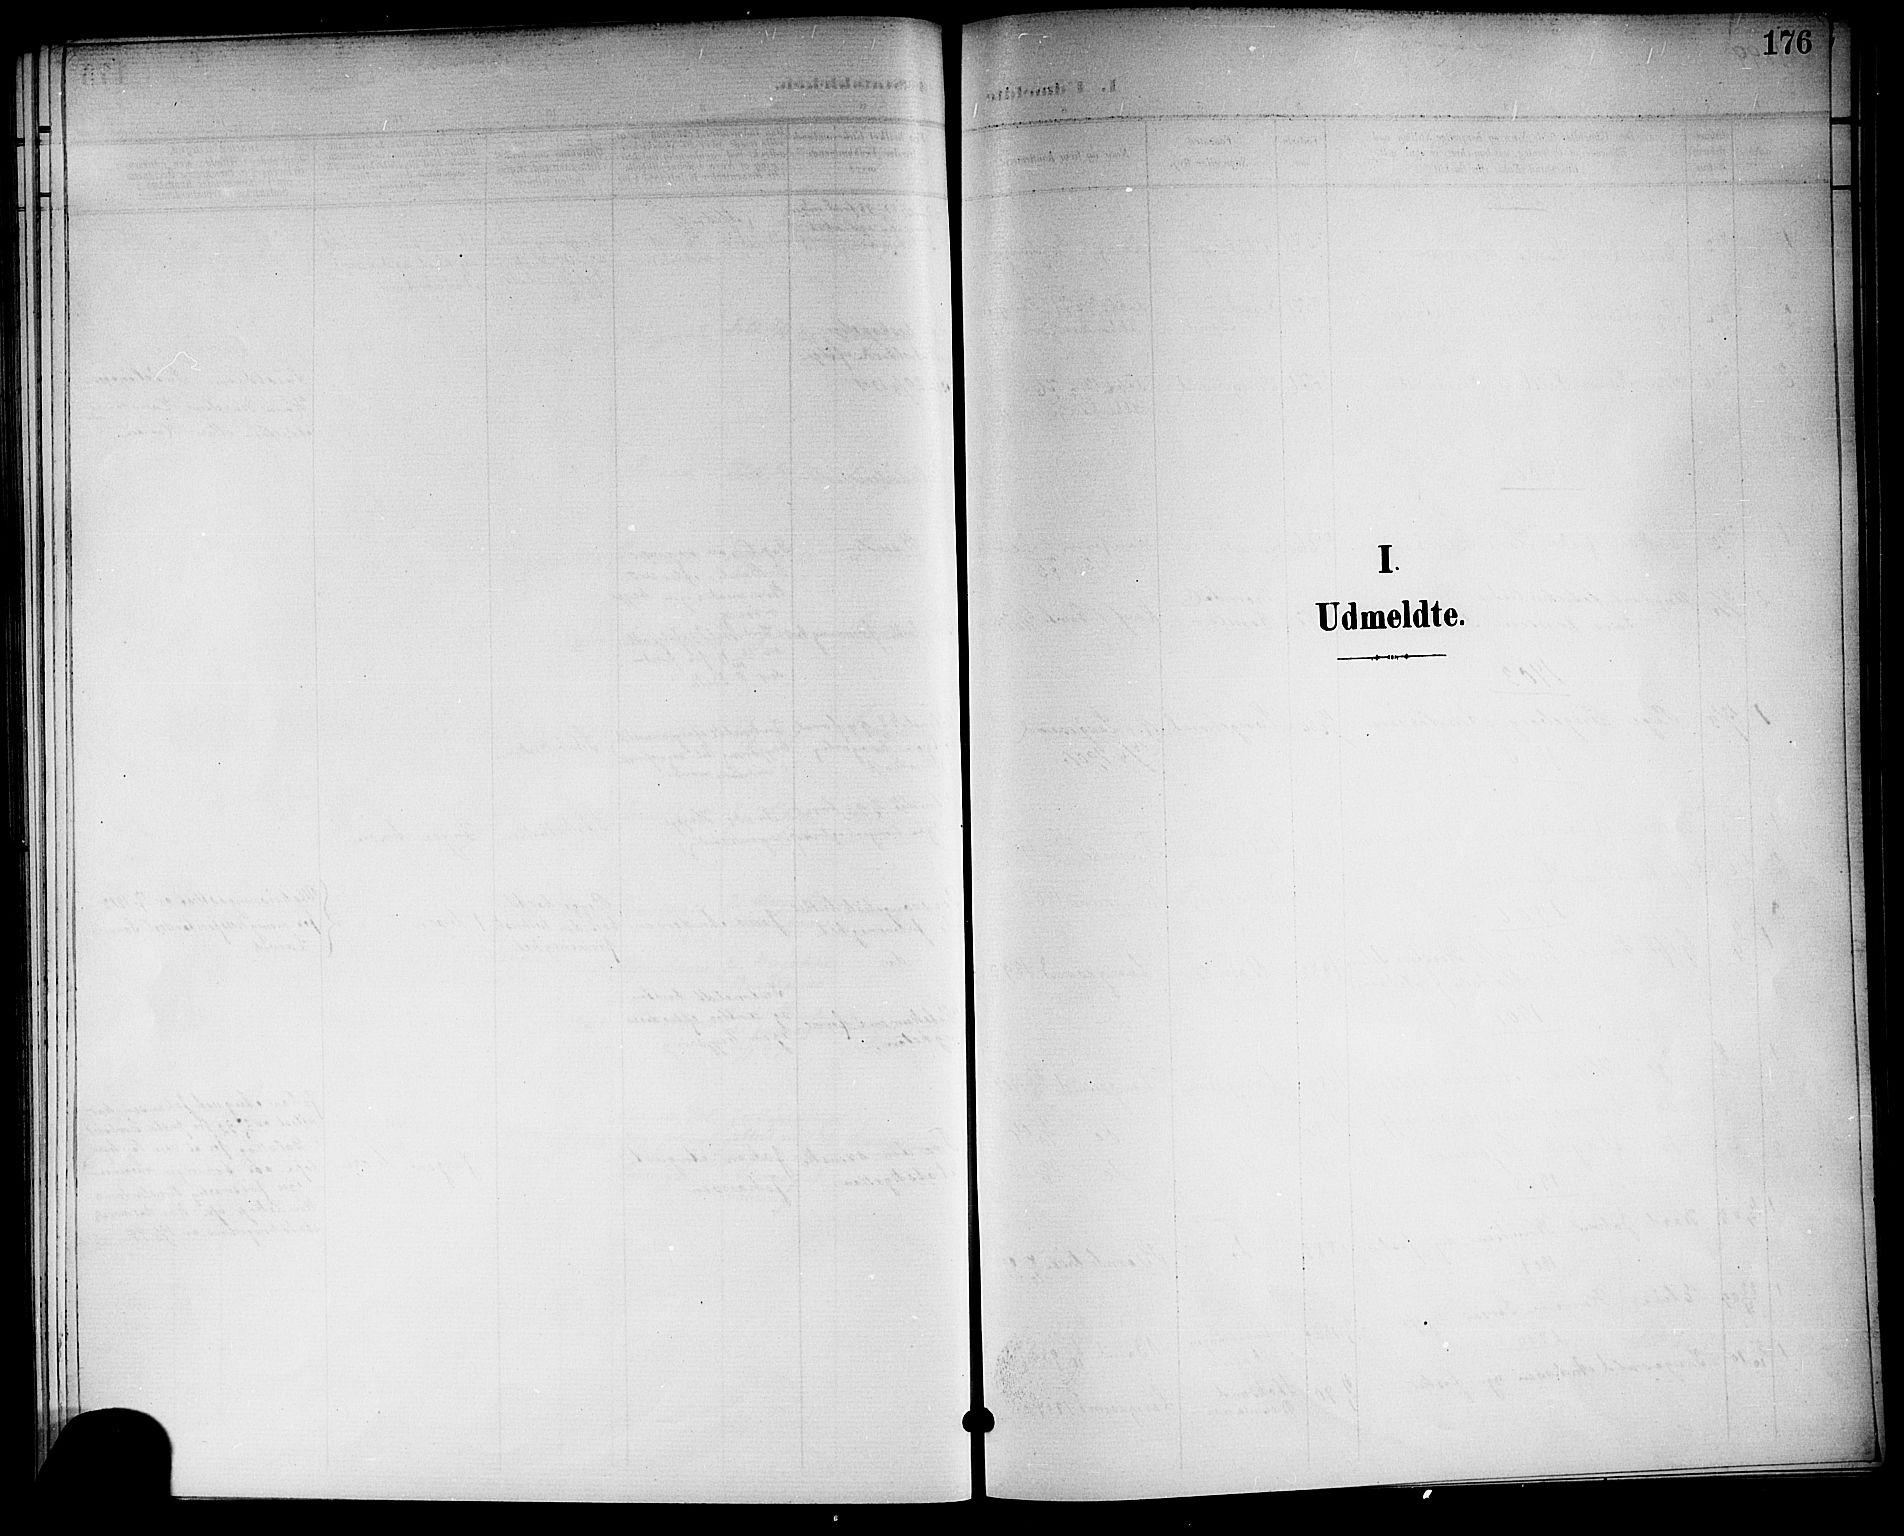 SAKO, Langesund kirkebøker, G/Ga/L0006: Klokkerbok nr. 6, 1899-1918, s. 176